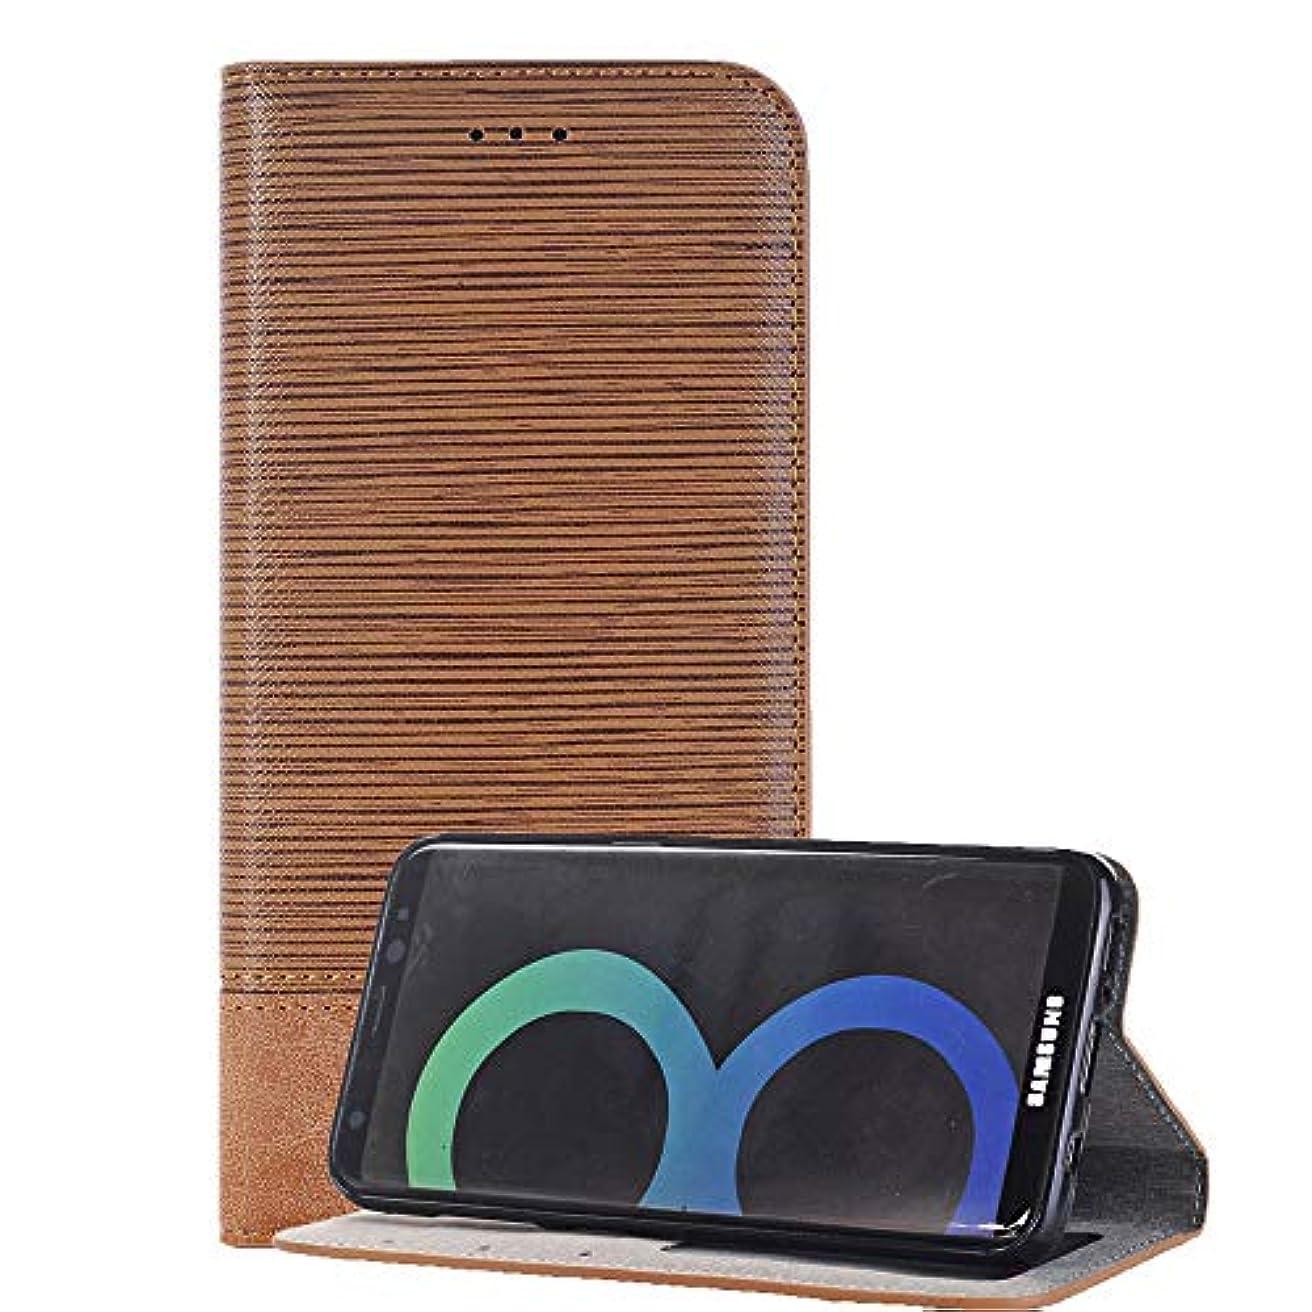 連邦アナリストスパイSamsung Galaxy S8 手帳型 ケース ギャラクシーs8 スマホケース カバー 脱着簡単 カードポケット 高品質 人気 おしゃれ カバー(ライトブラウン)